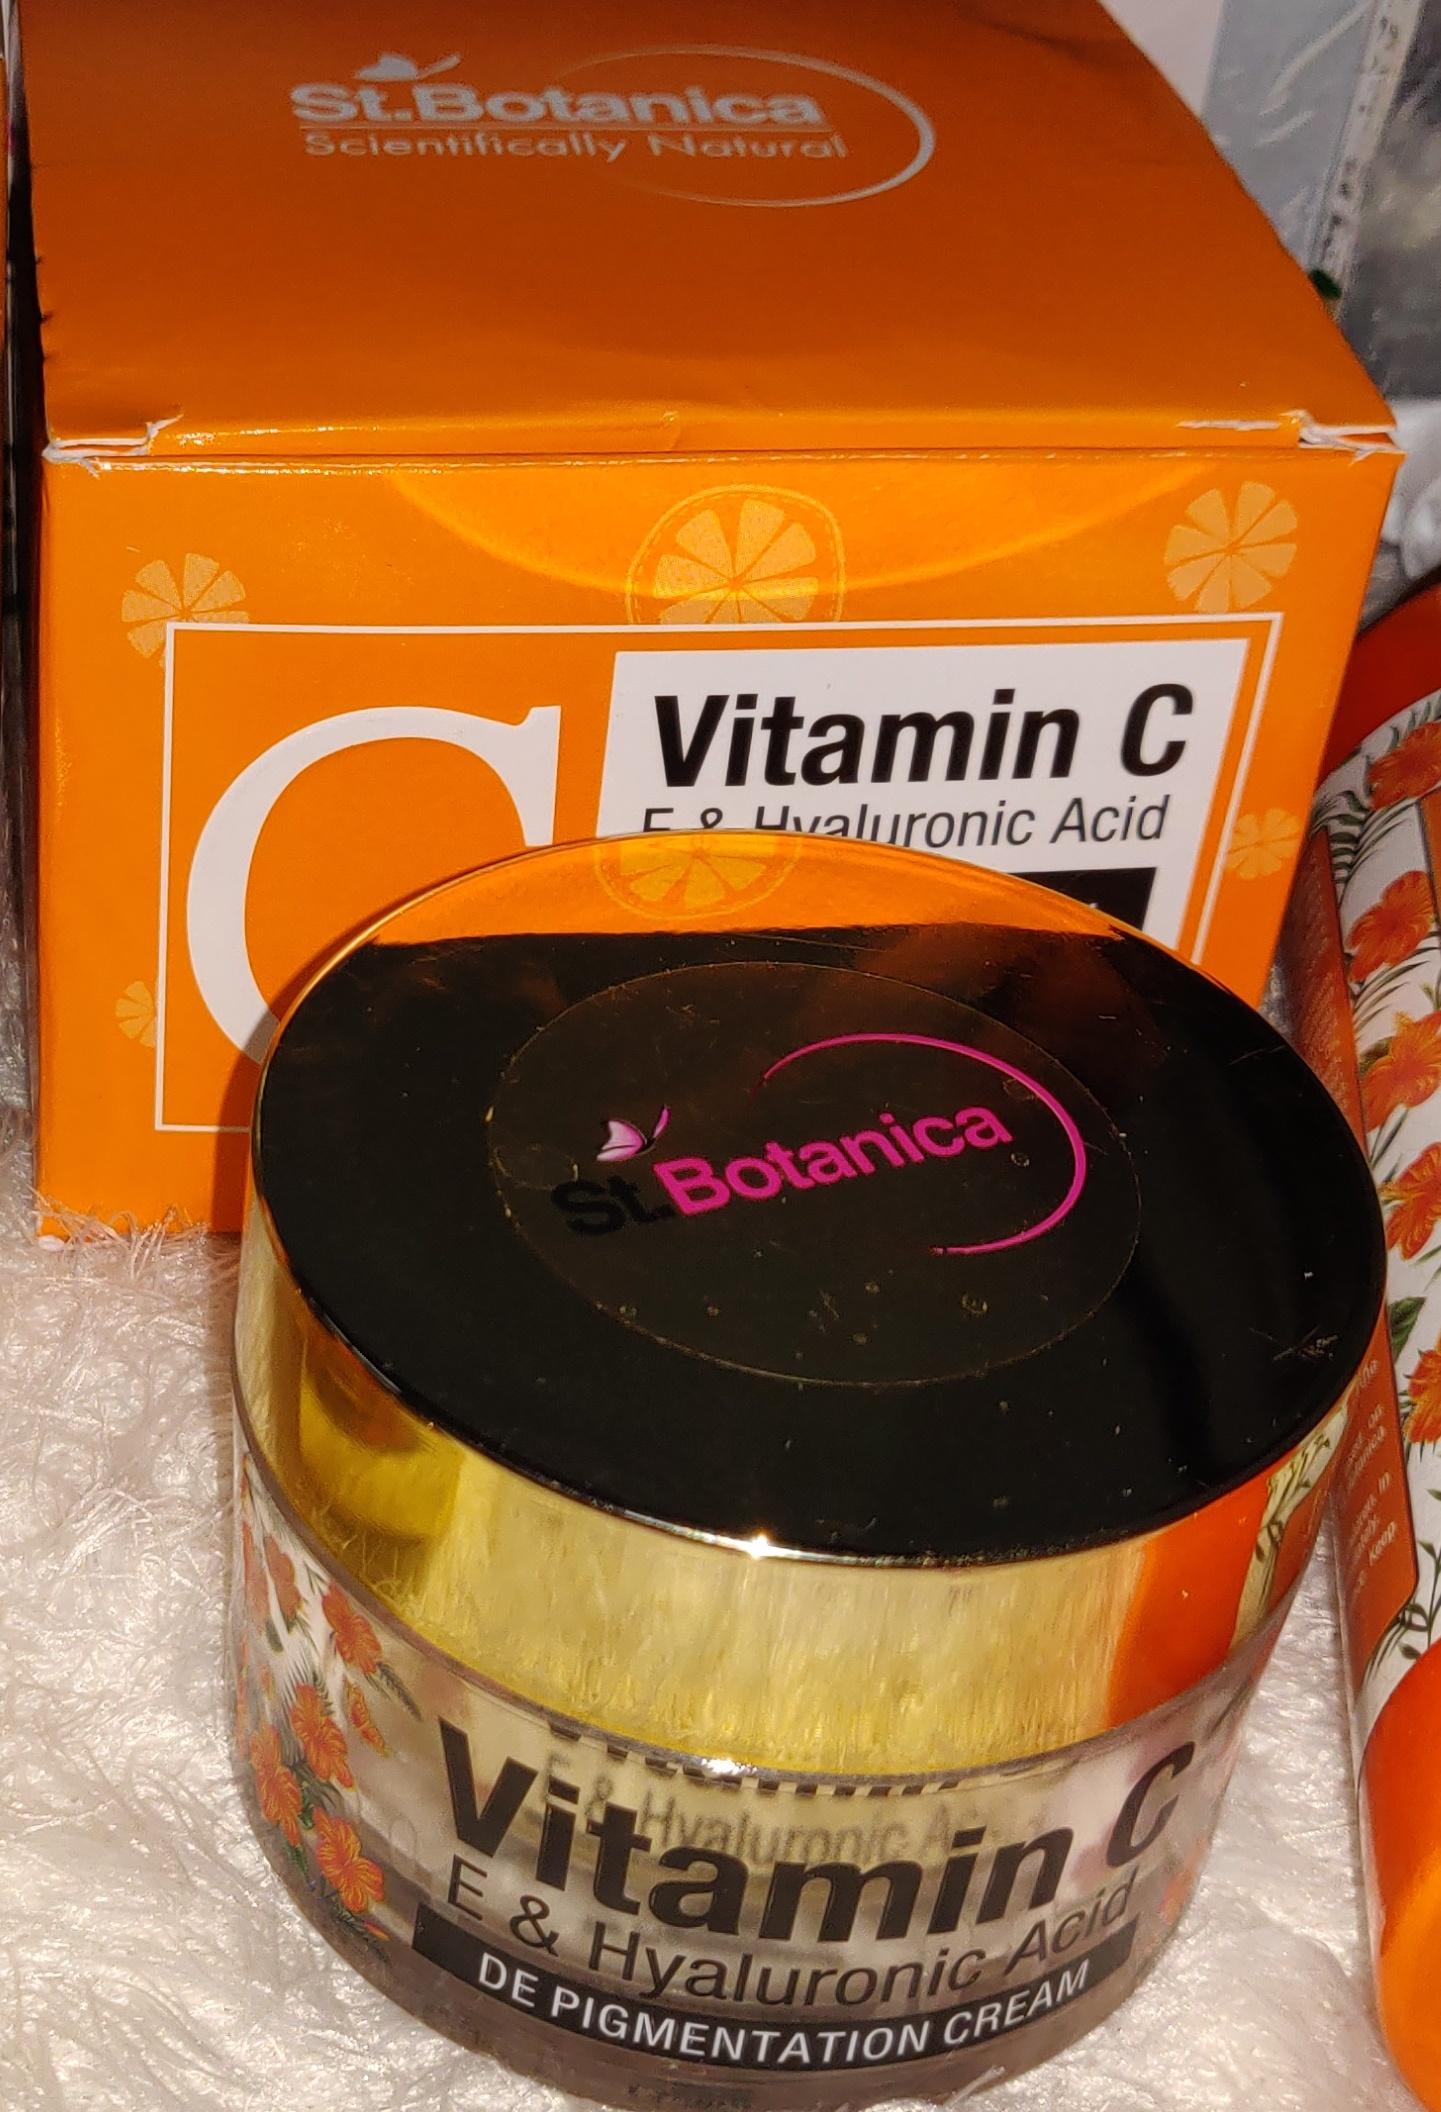 StBotanica Pure Radiance Under Eye Cream-Such an effective under eye cream-By sakshiaggarwal